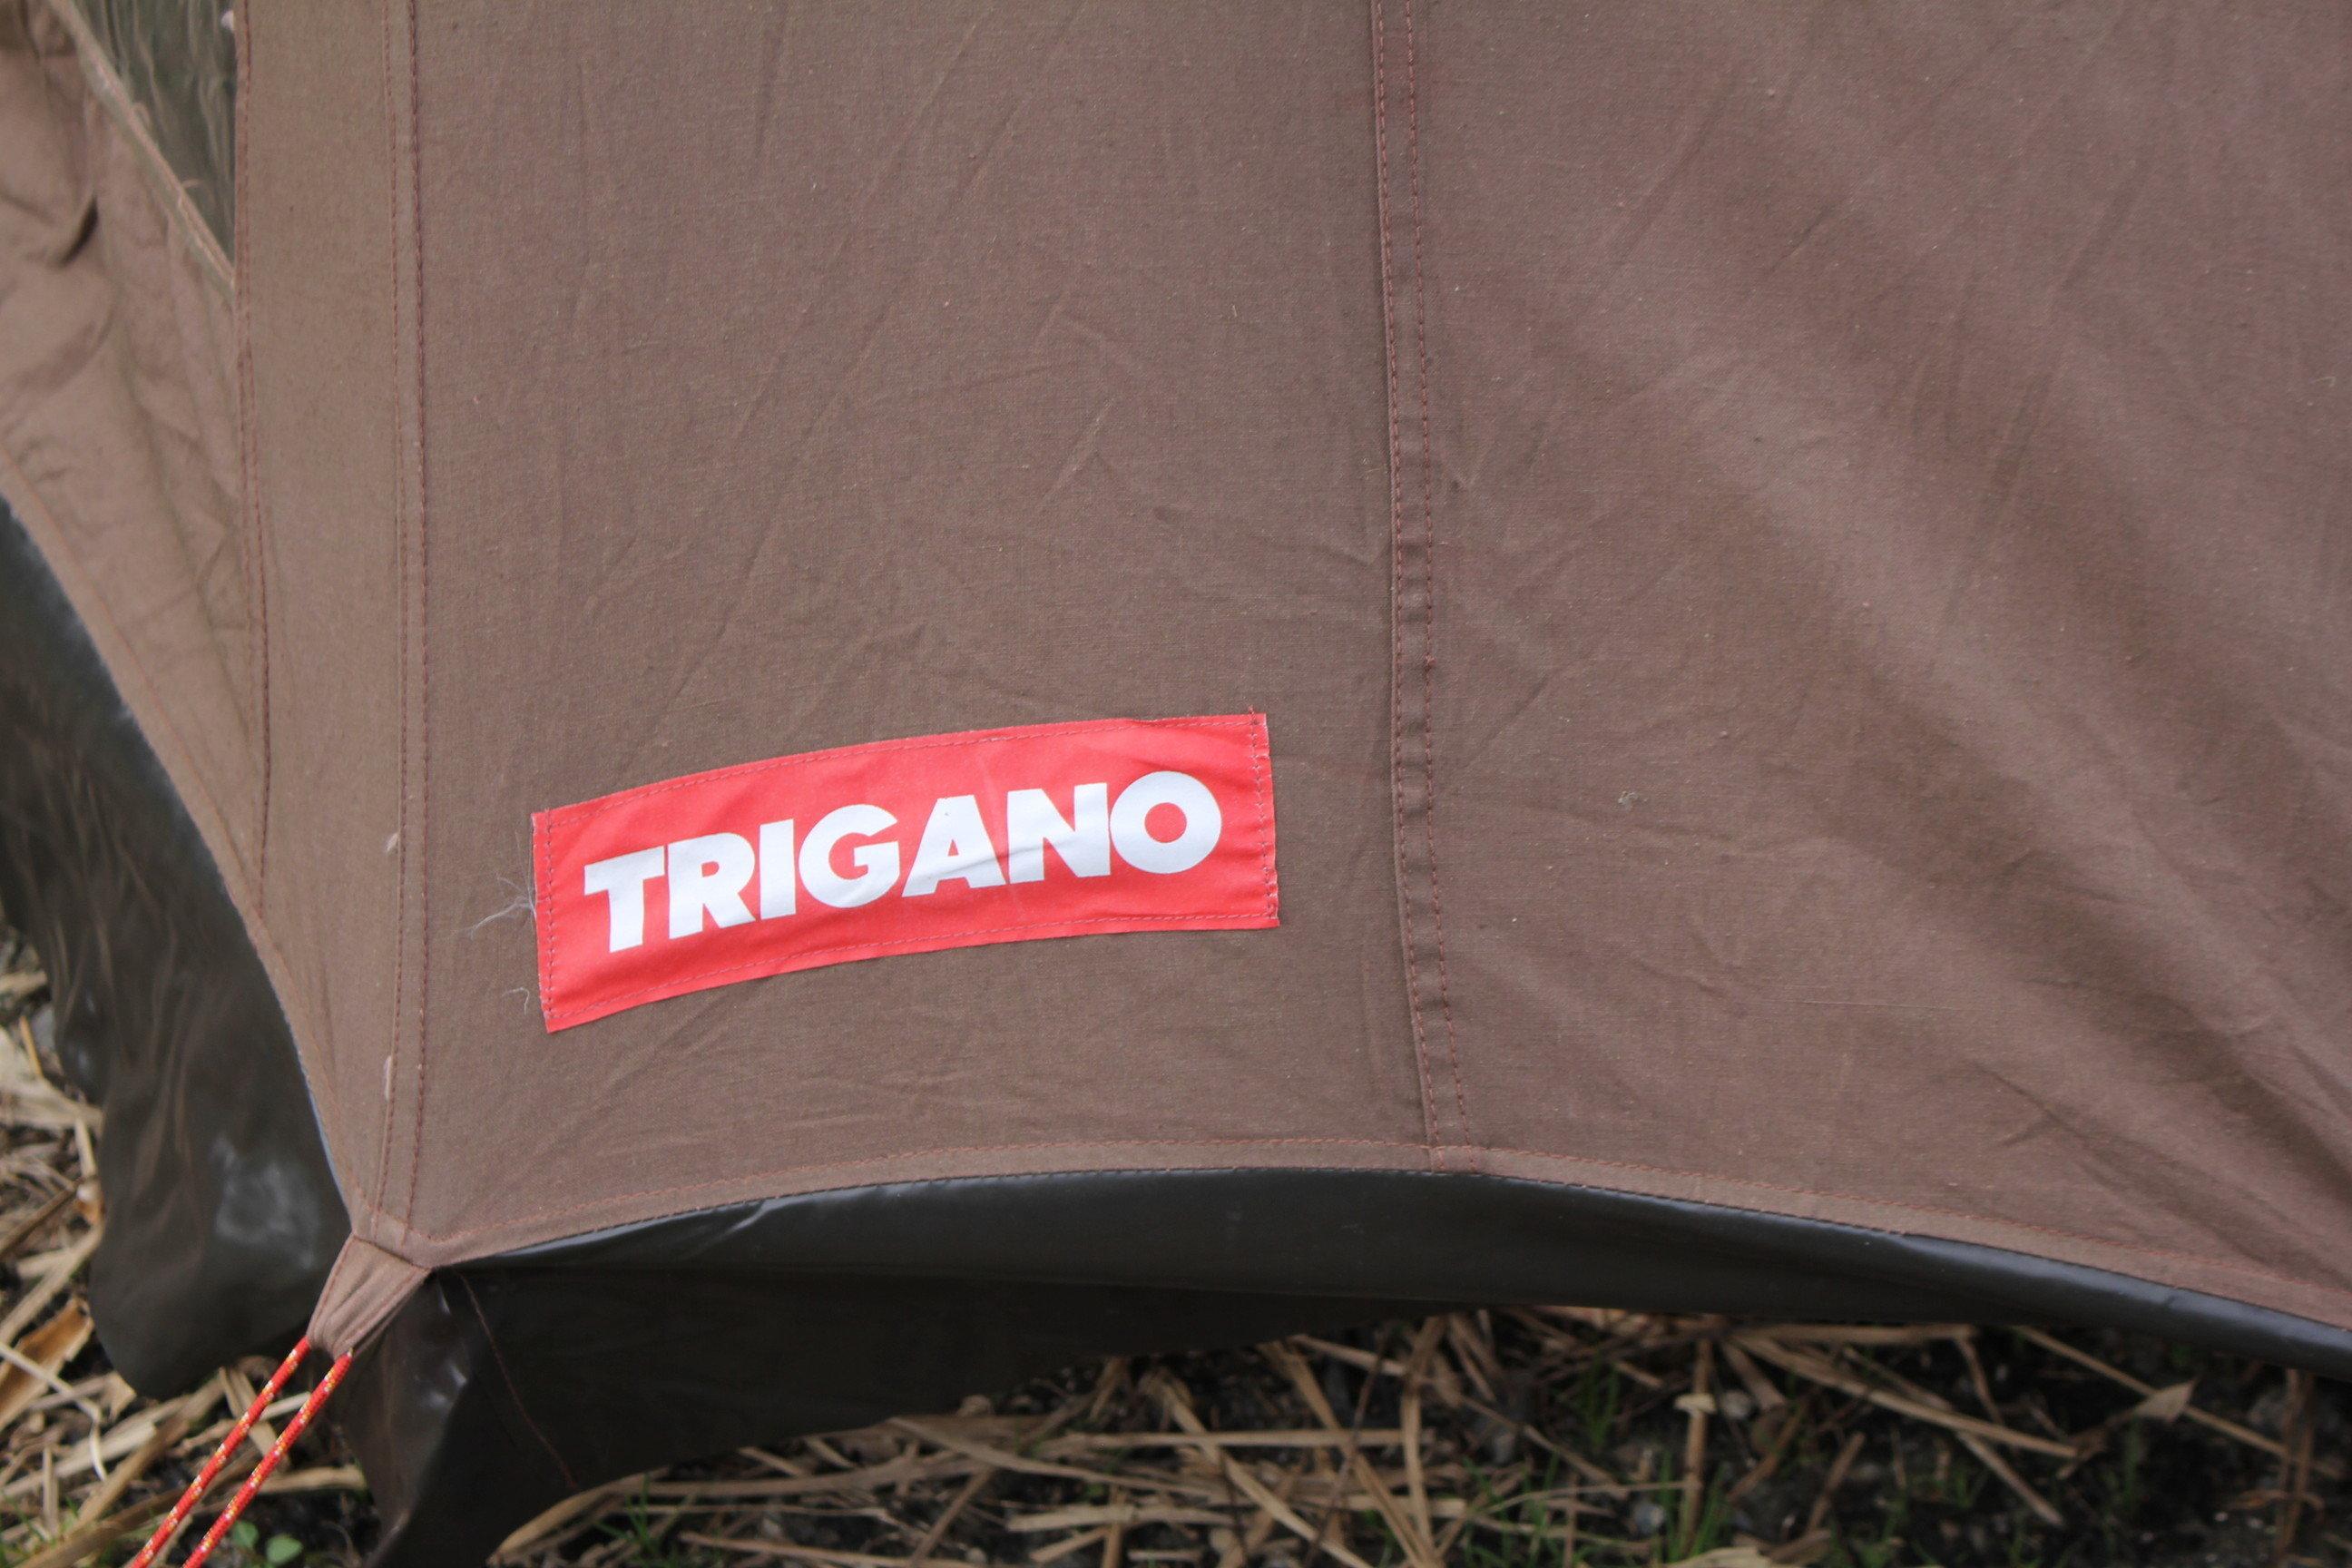 トリガノ オールドリッジテント ウミウシタイプ デッドストック  ヴィンテージ幕 フレームテント  Trigano